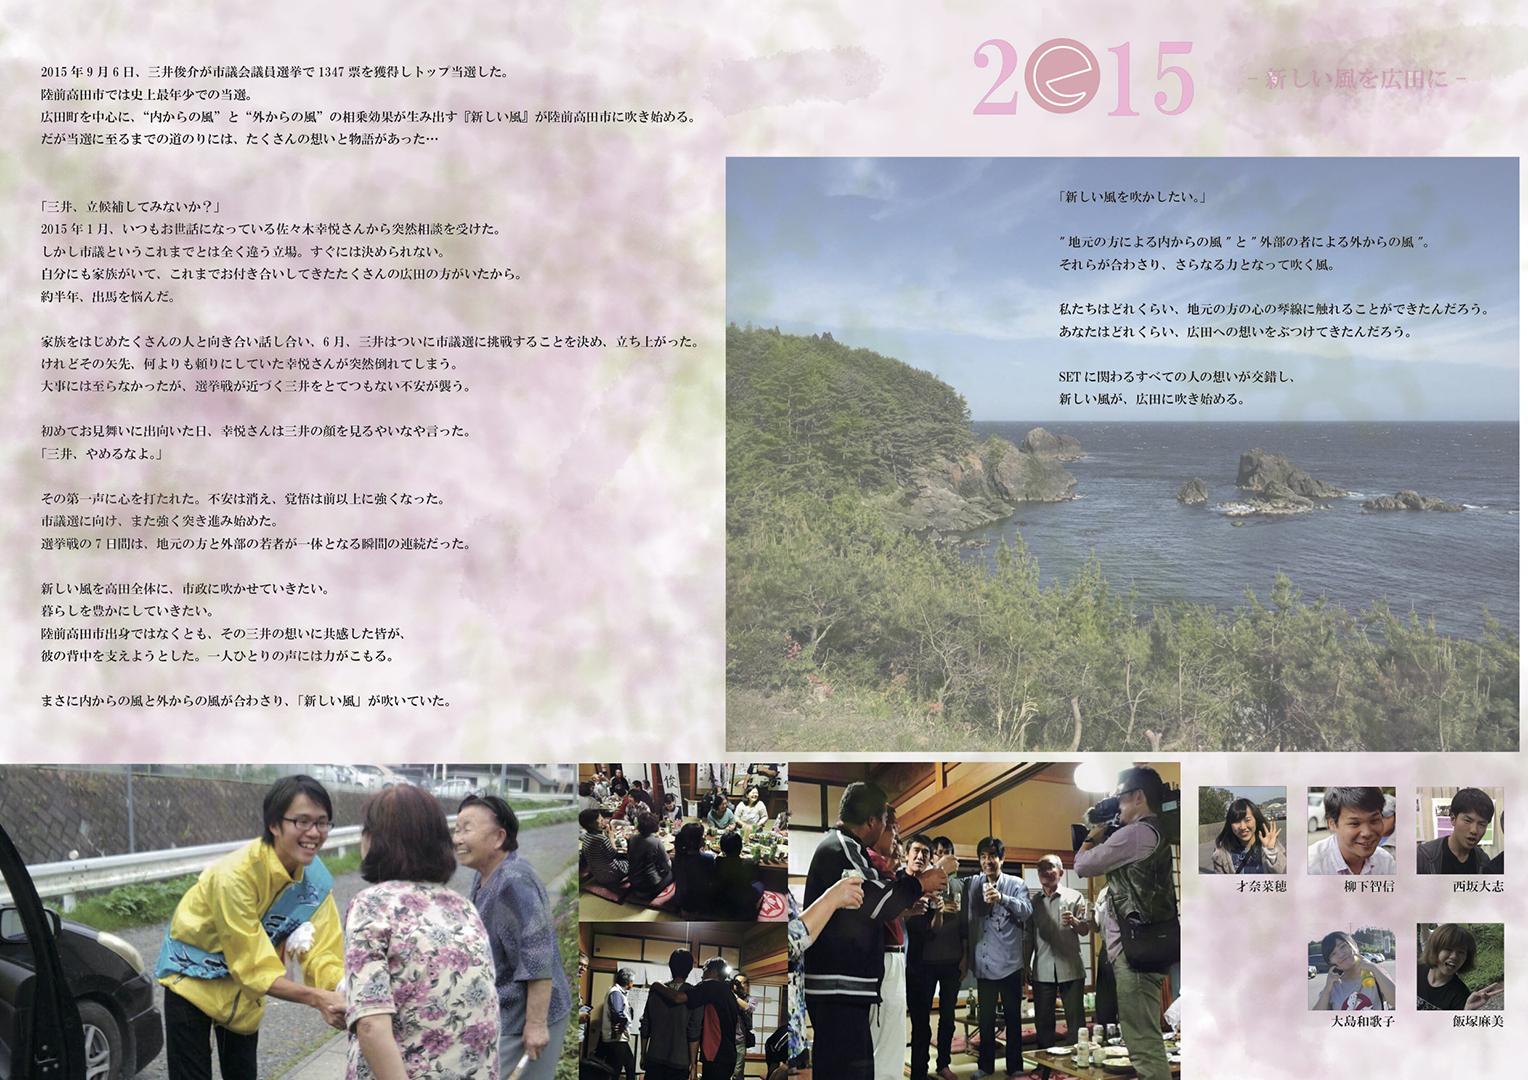 SETの沿革2015年①